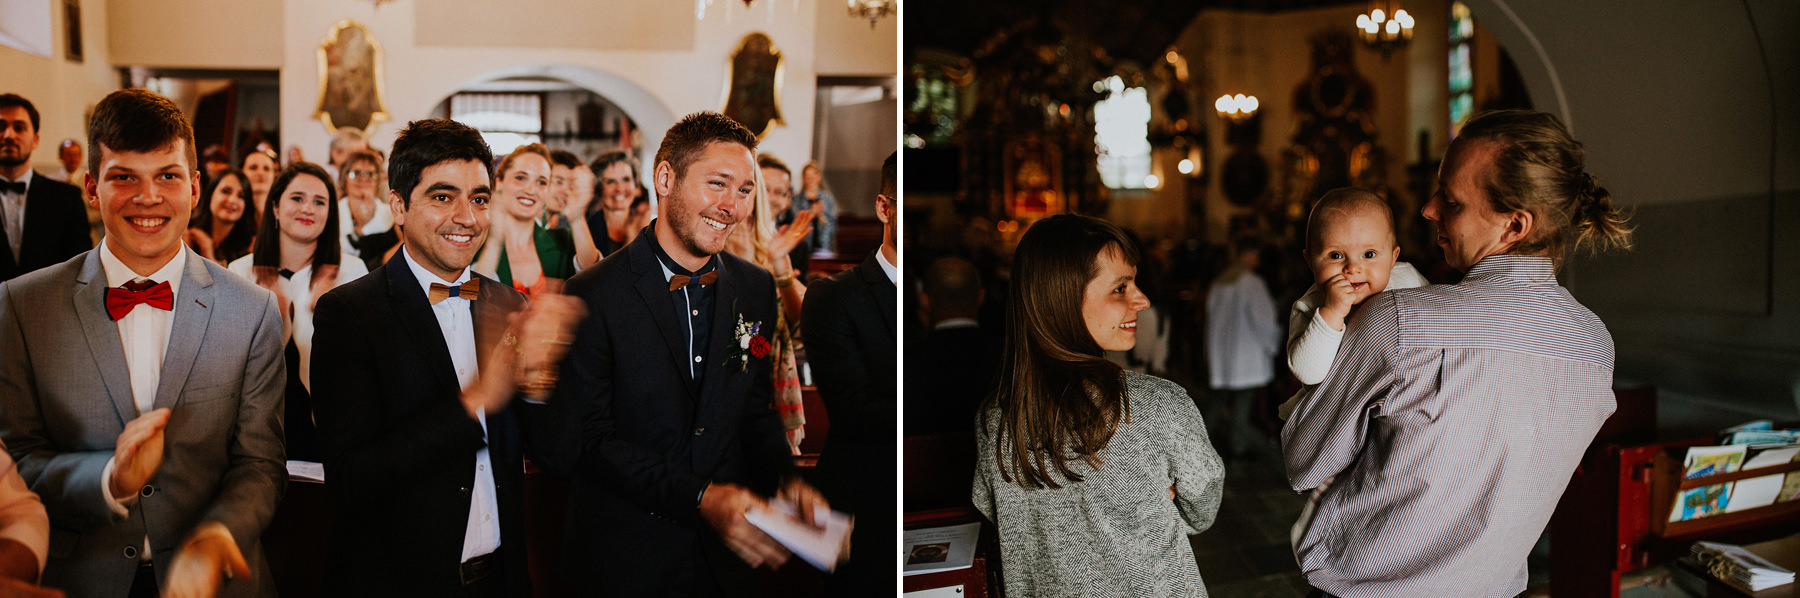 058 Kaszuby Francuski Polish French Wedding Slub Plenerowy Fotograf